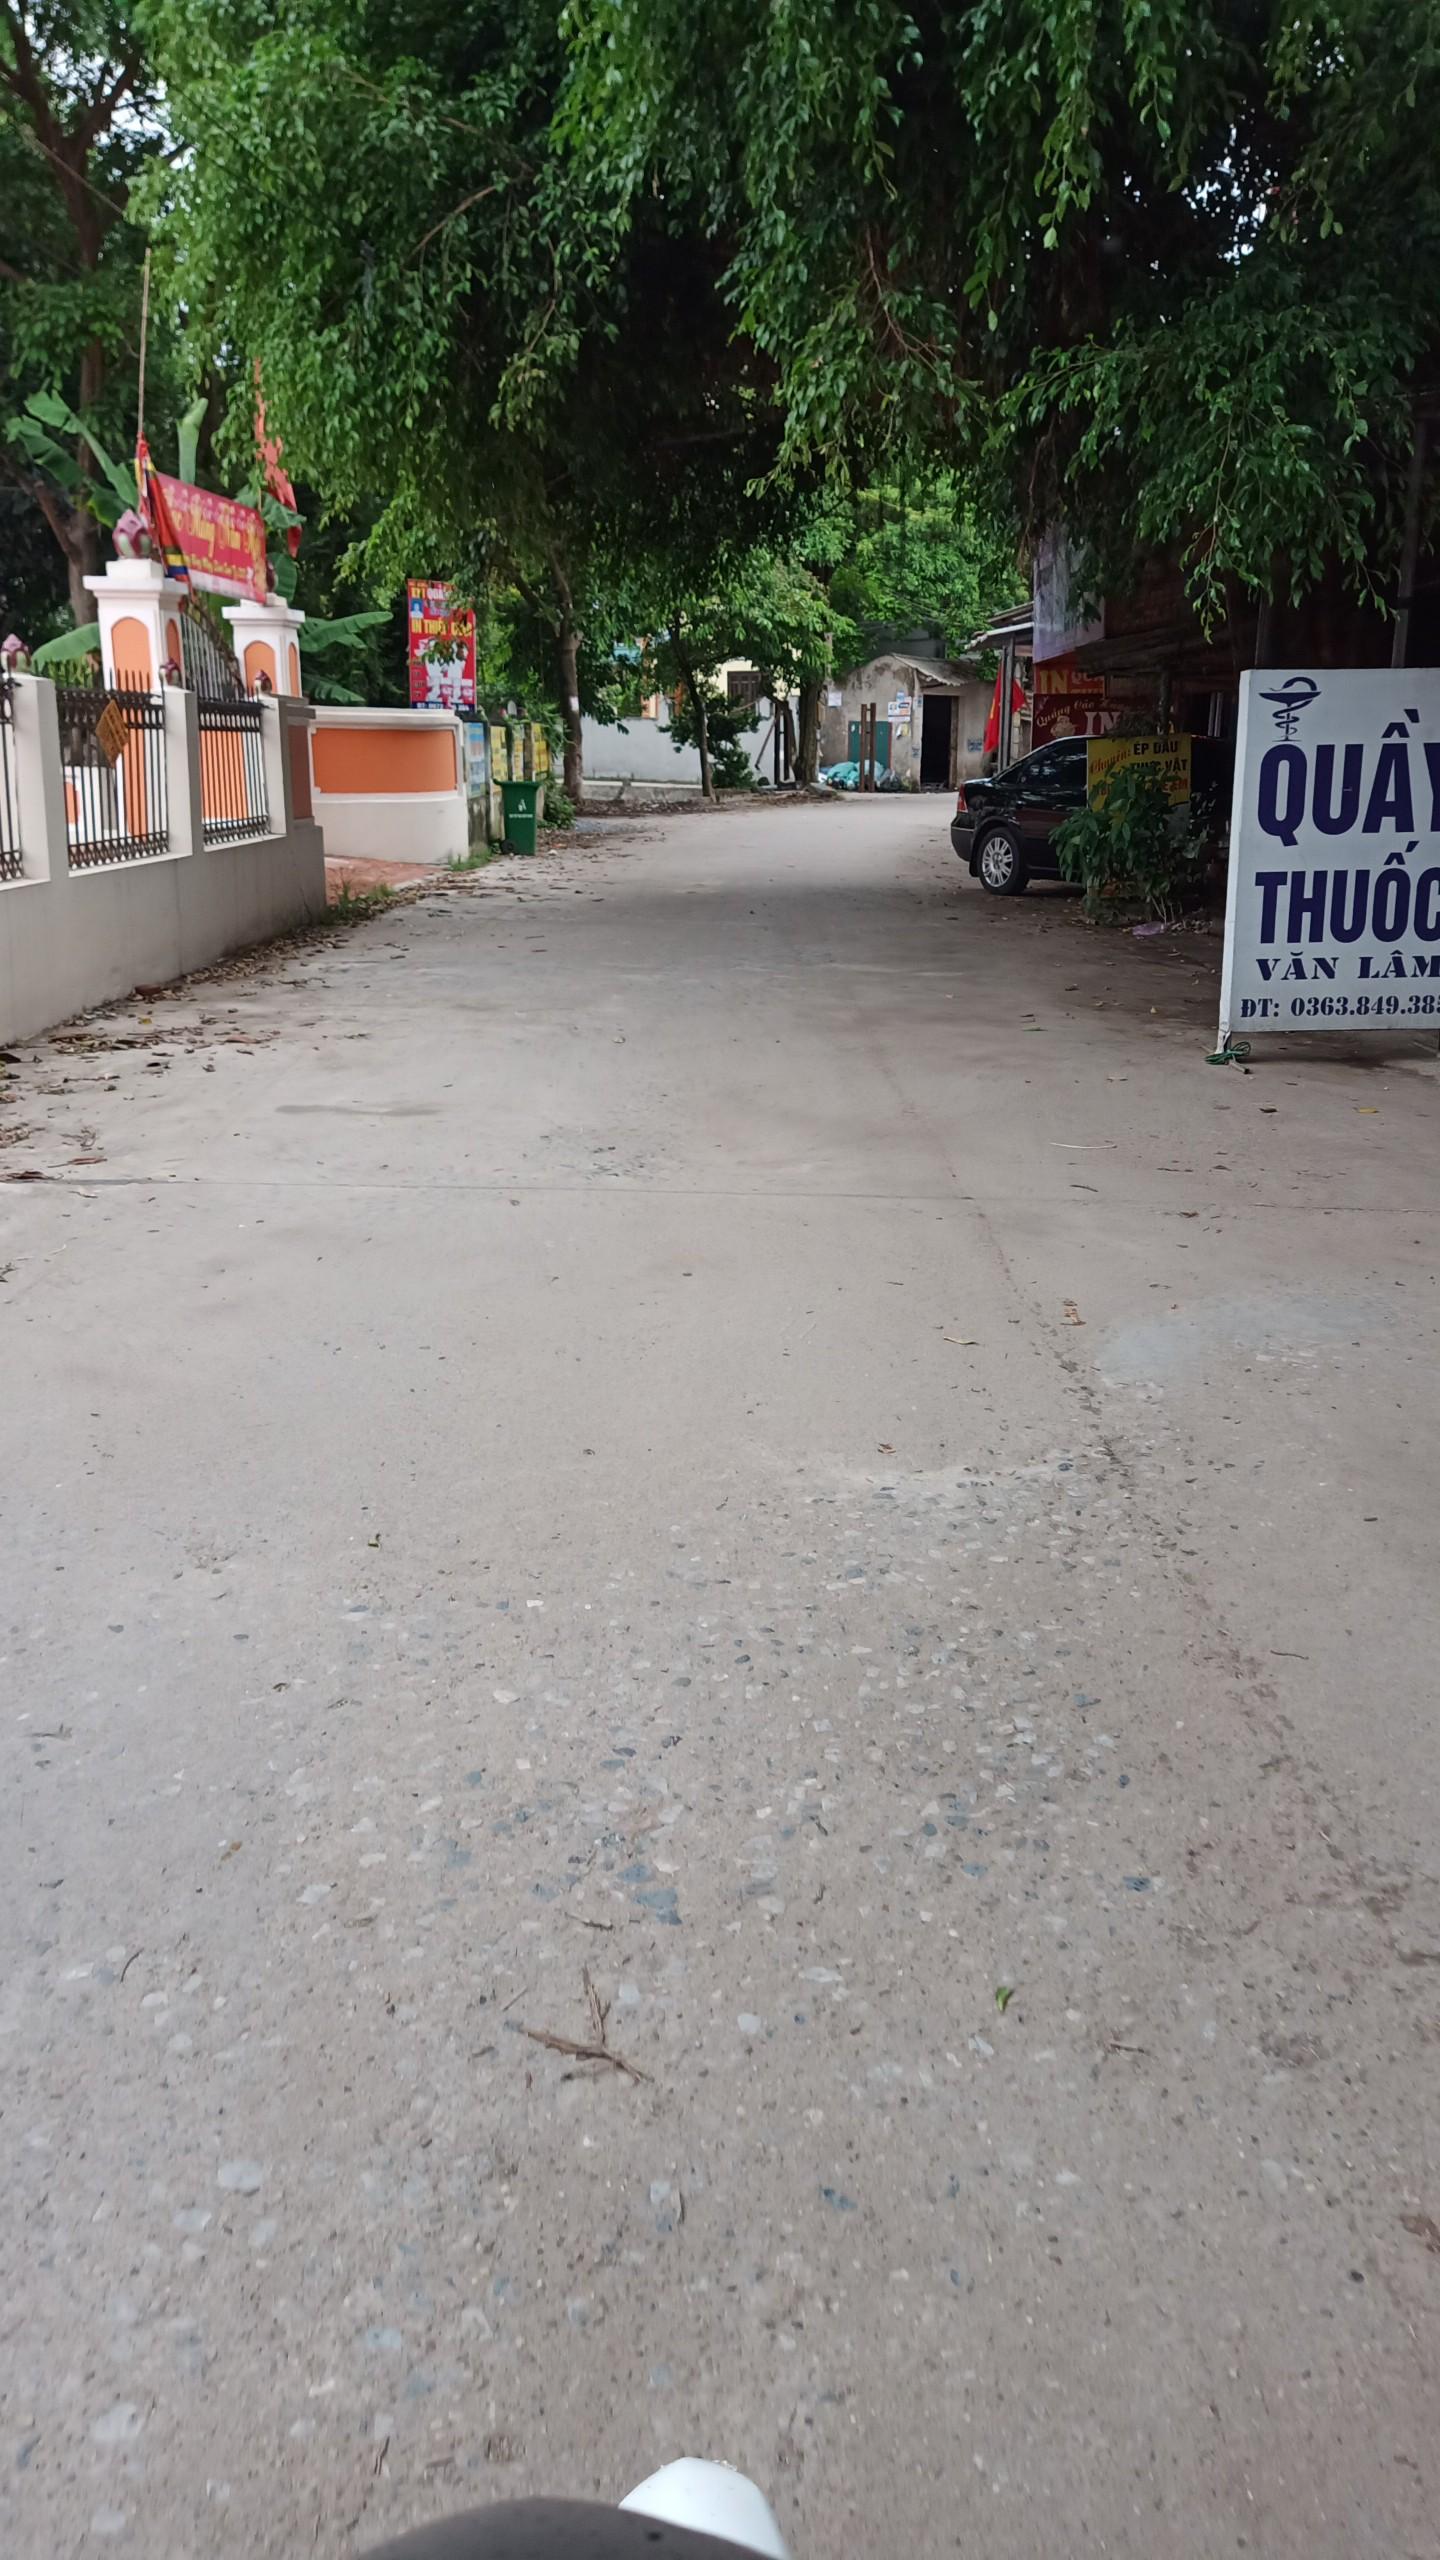 Bán gấp đất Như Quỳnh - Văn Lâm khu trung tâm huyện, diện tích vừa phải, kinh doanh được, giá tốt: